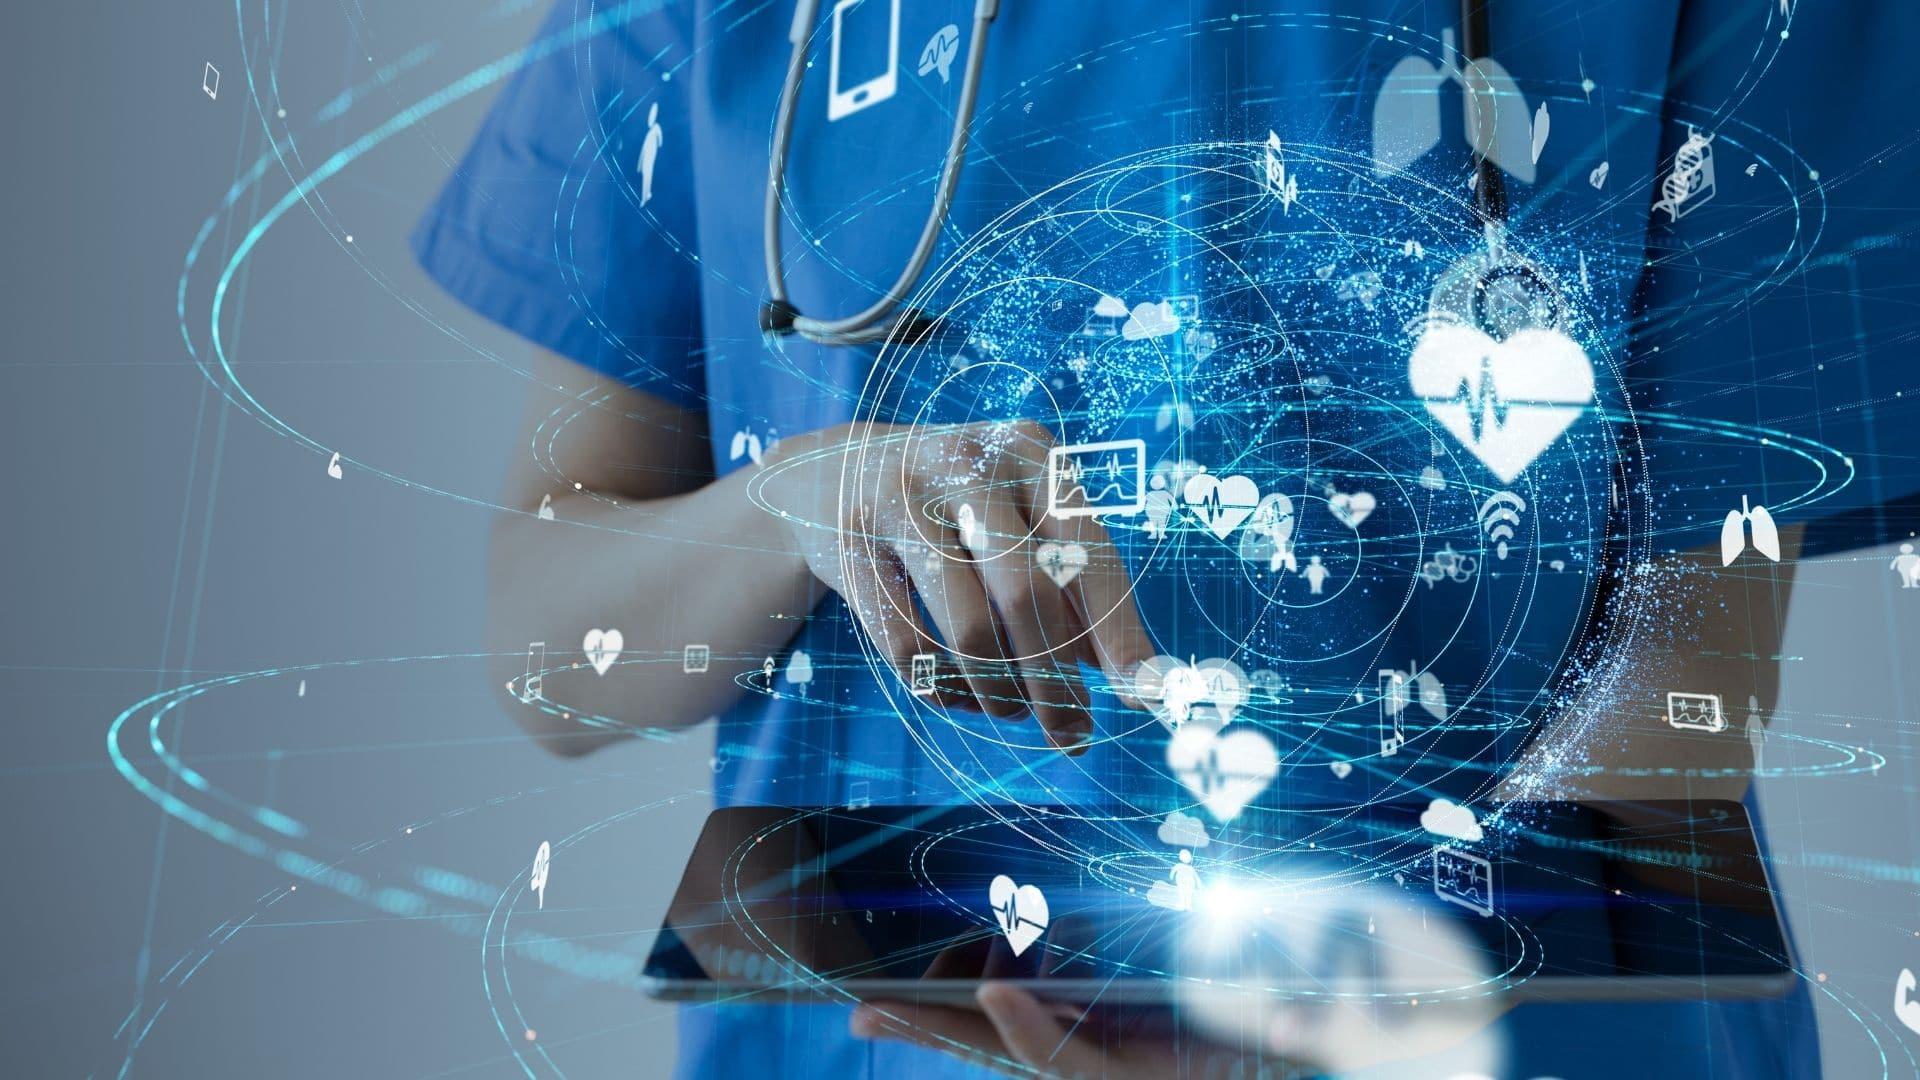 ¿El futuro que nos espera o realidad inmediata? Salud, educación, tecnología: los lujos de hoy